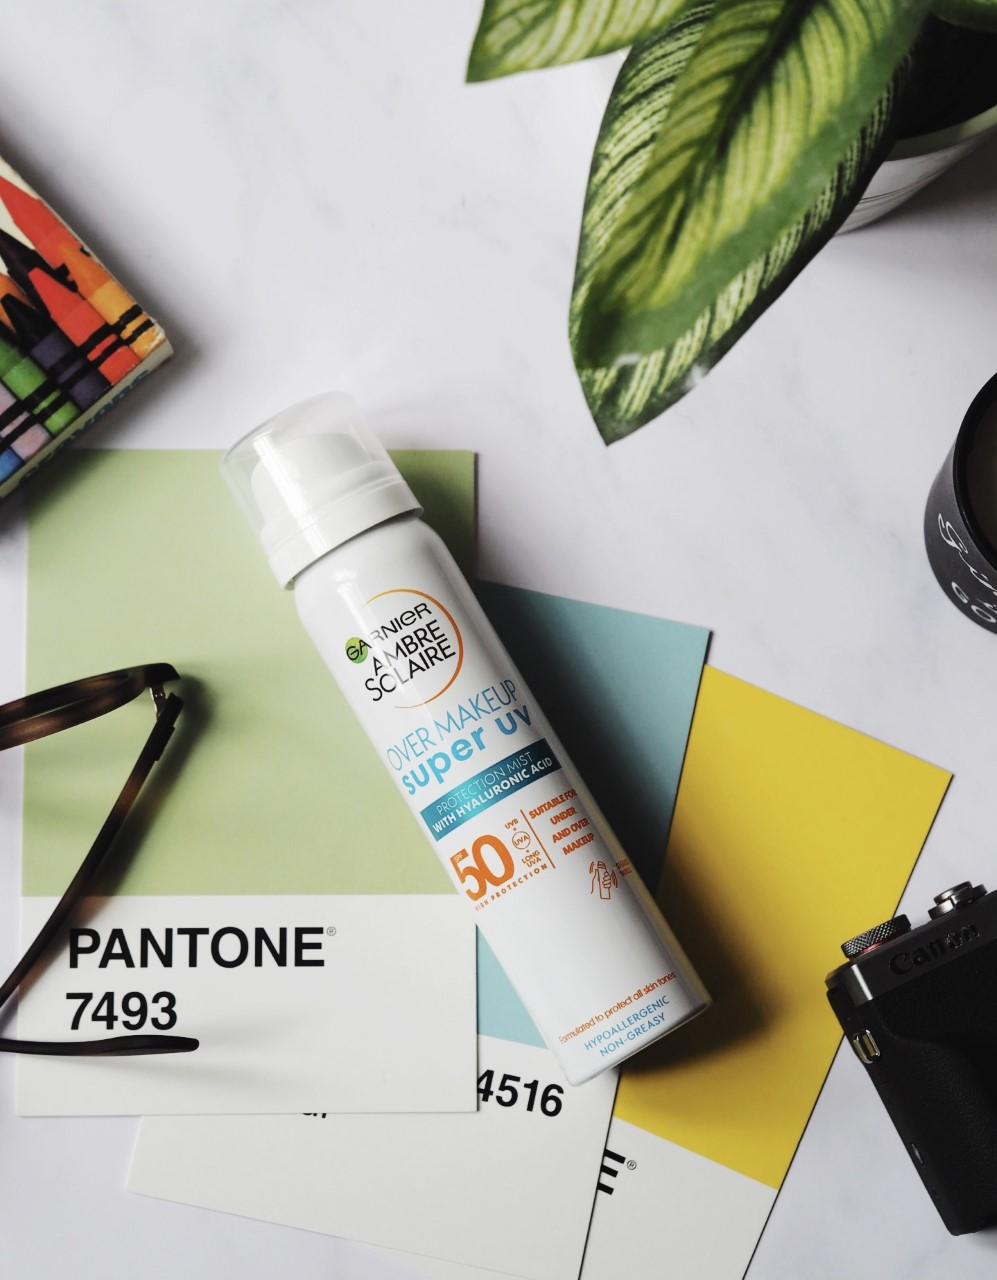 Garnier Ambre Solaire Over Makeup Super UV Protection Mist Review